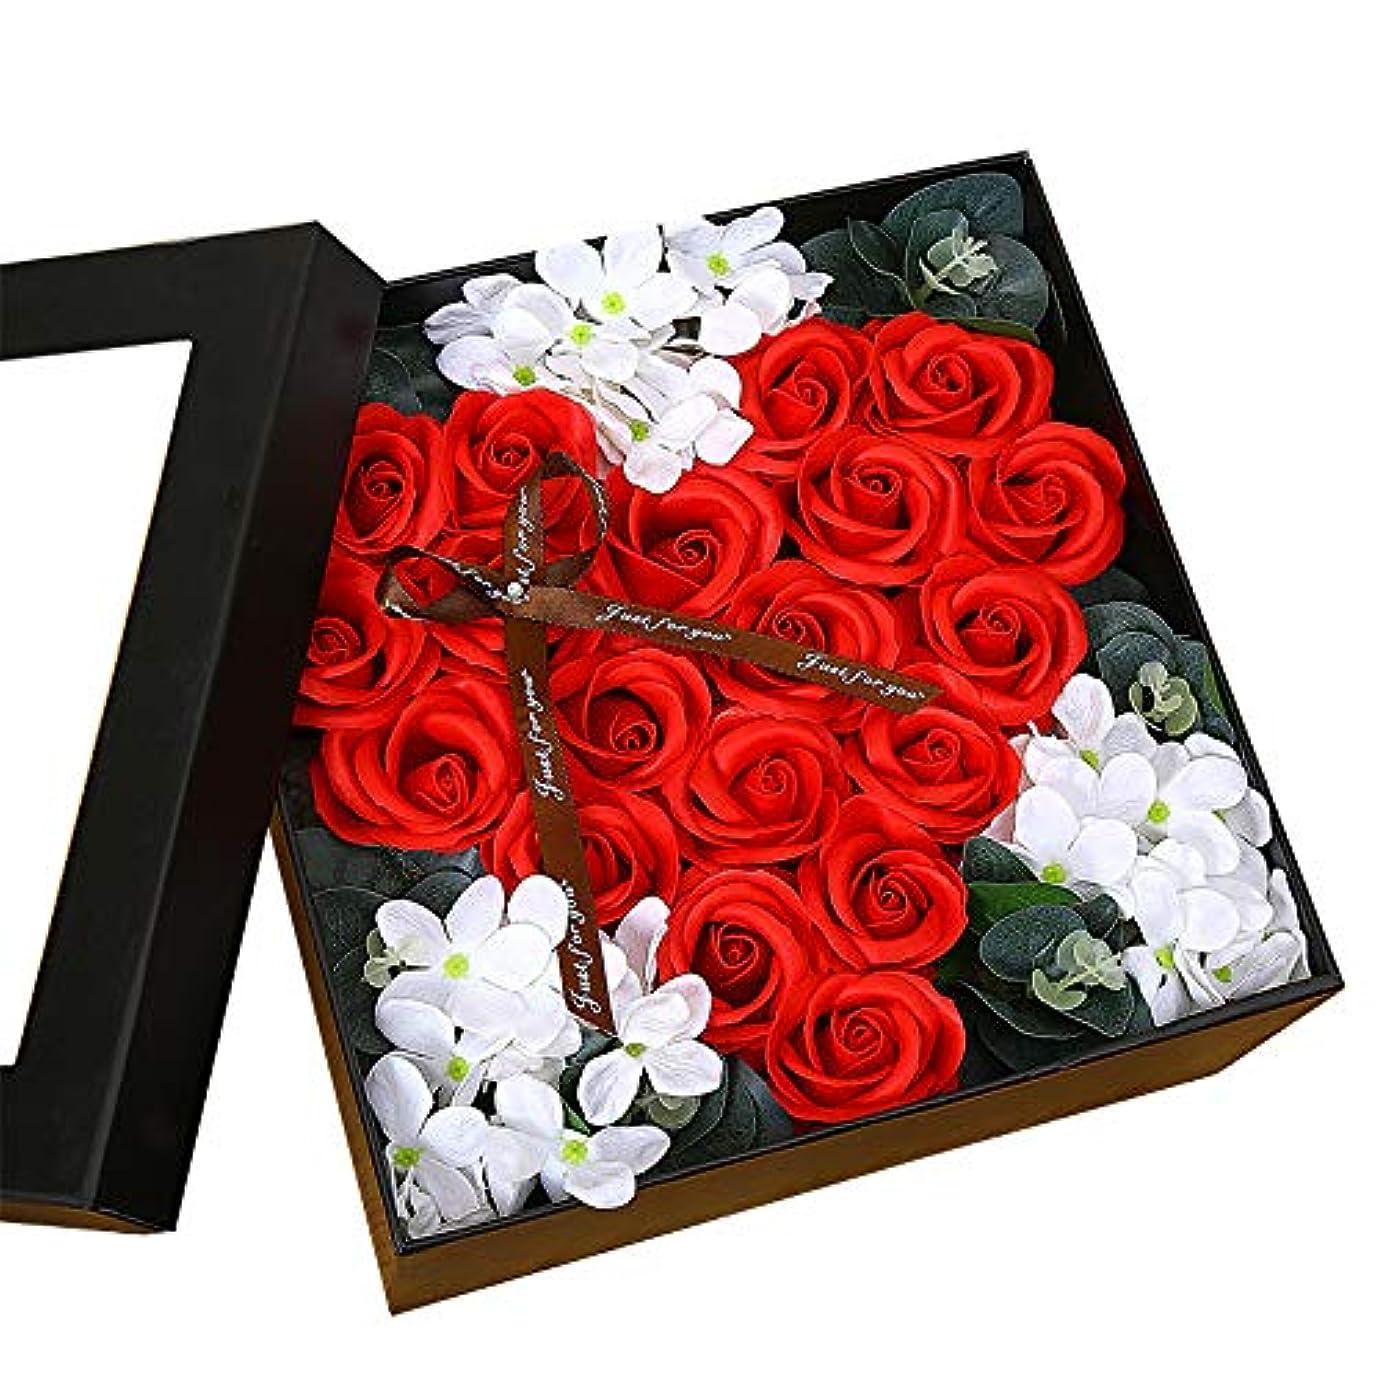 褒賞ピアグレー生地と花石鹸の花 ギフトソープフラワーローズフラワーバレンタインデーのために不可欠ガールフレンド記念日誕生日母の日 (色 : Red square box)